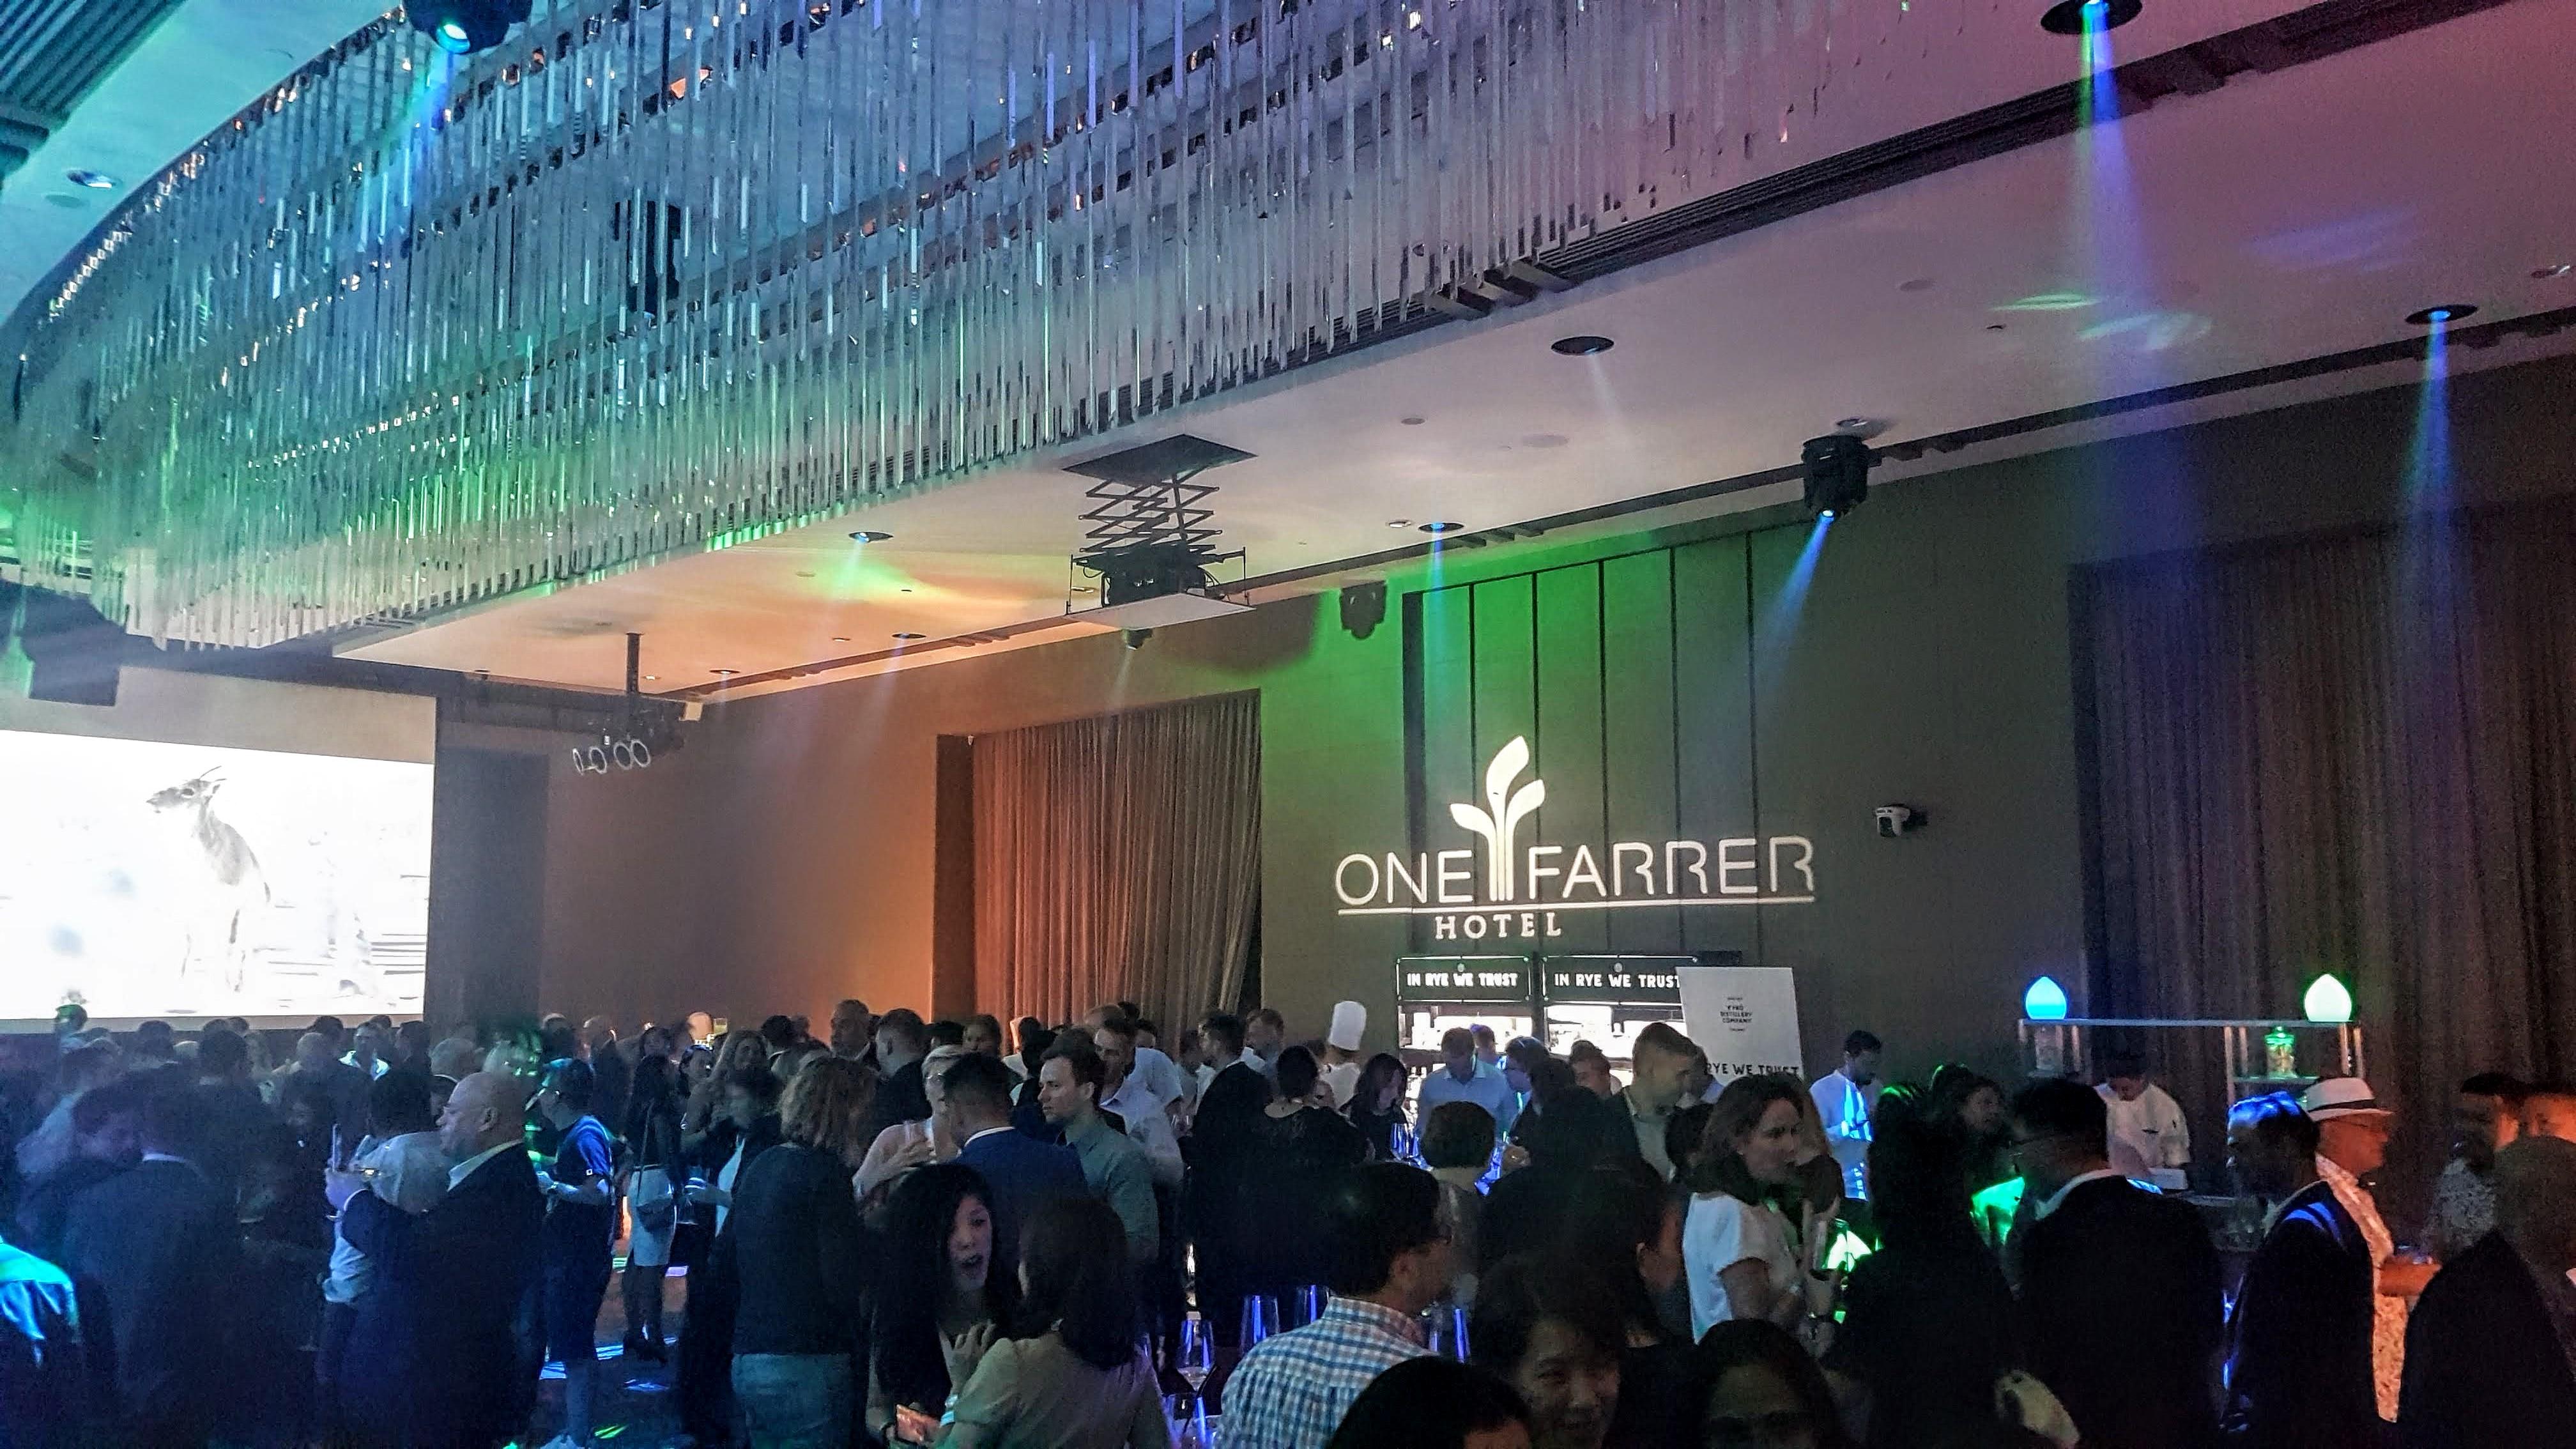 One Farrer Singapore ballroom